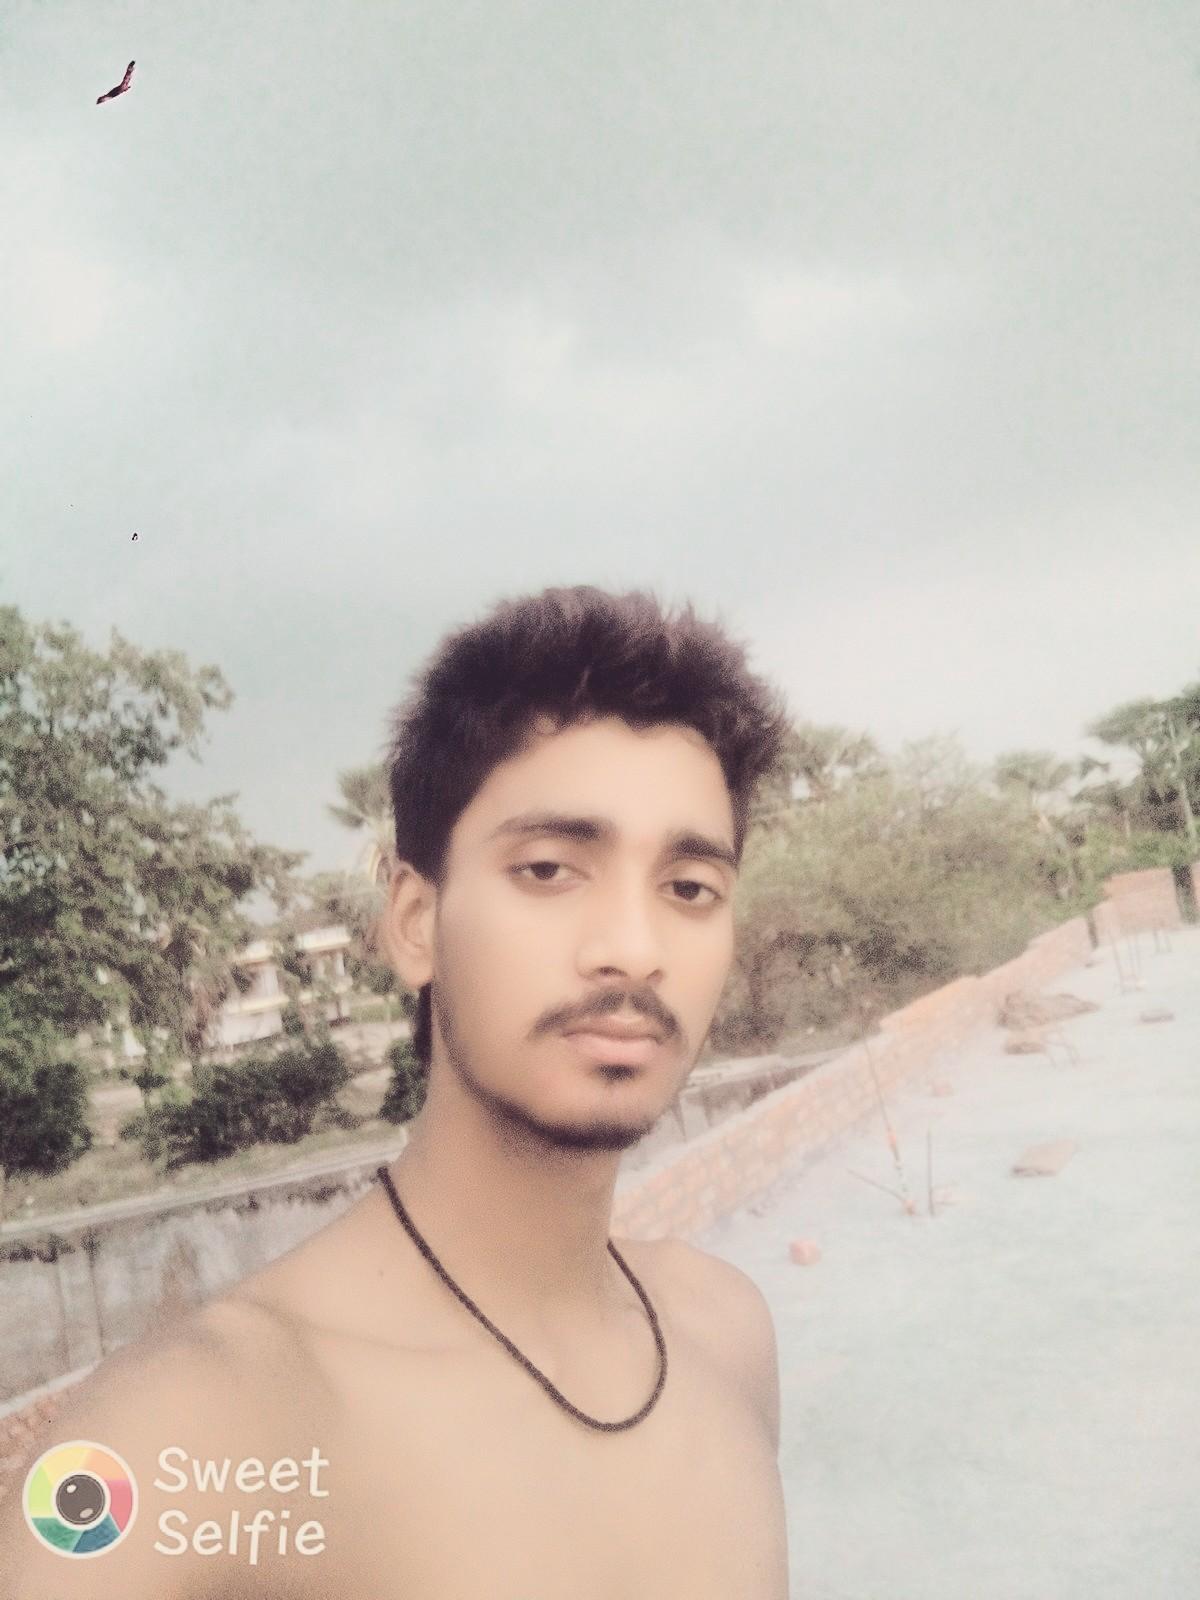 জন্মদিনৰ শুভেচ্ছা - Sweet Selfie - ShareChat